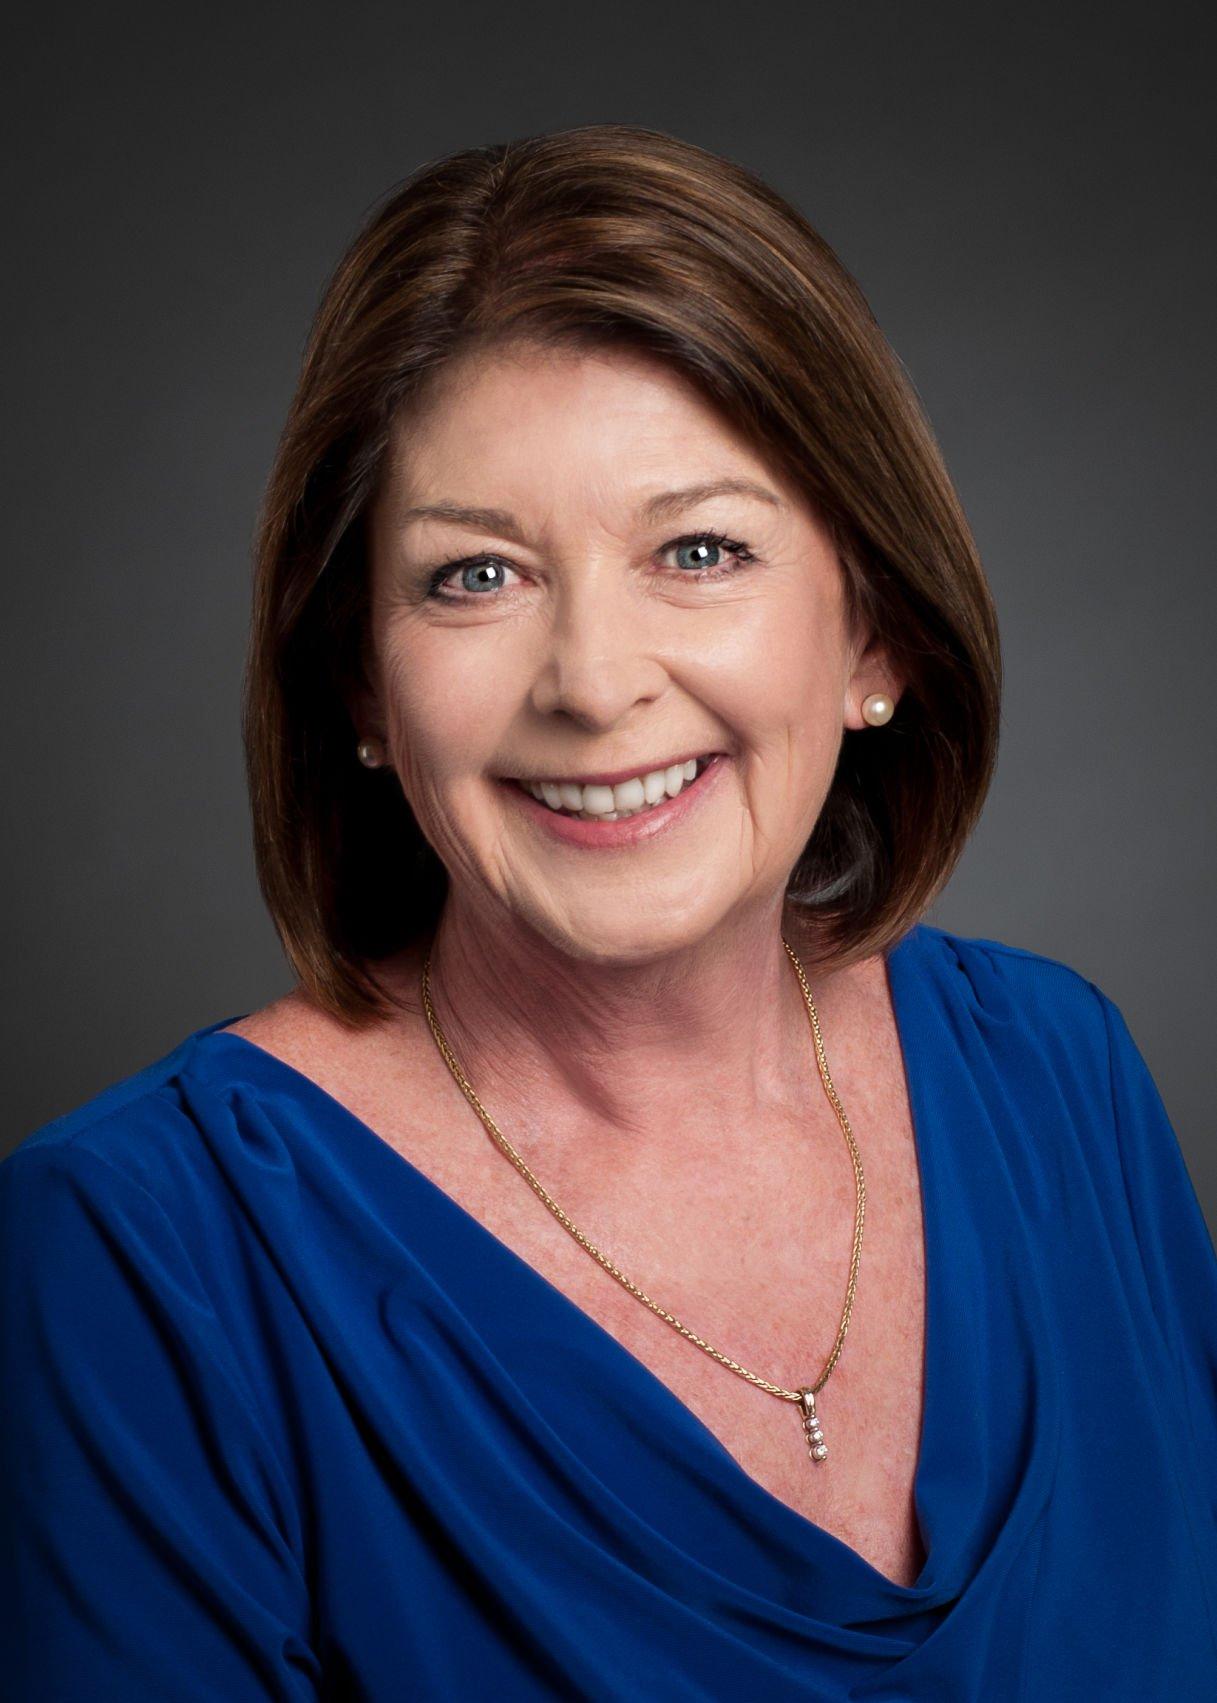 Virginia Haley